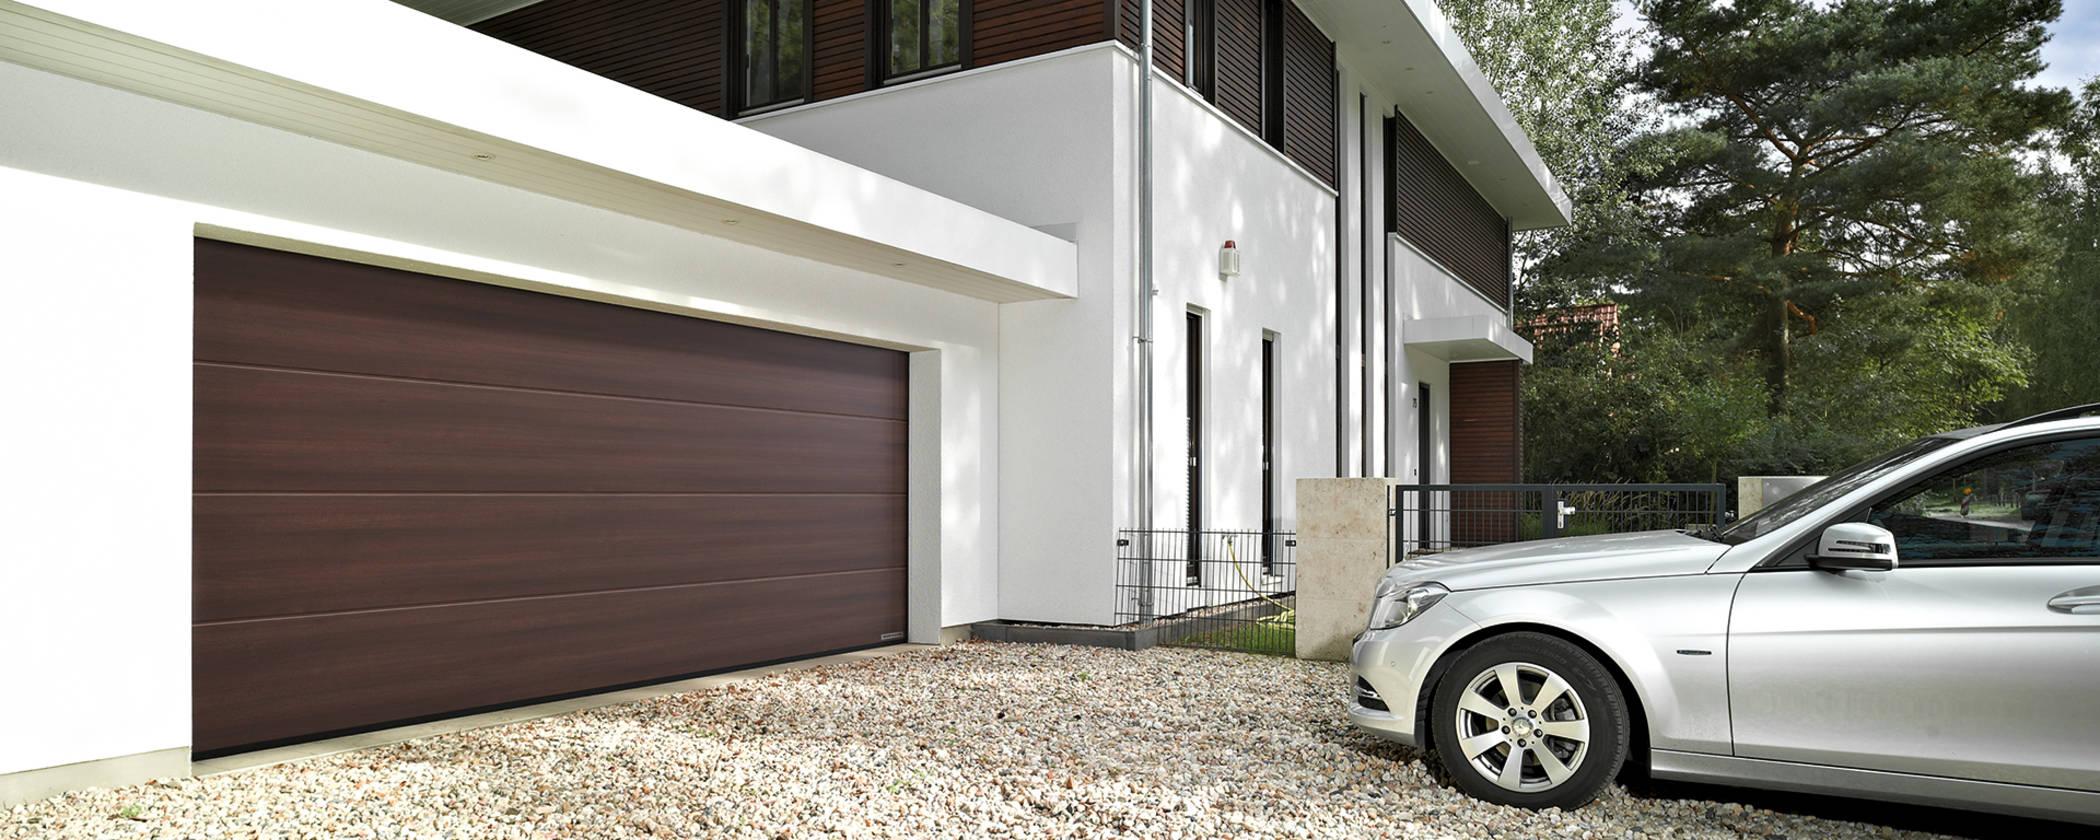 brama-garazowa-segmentowa-optymalne-rozwiazanie